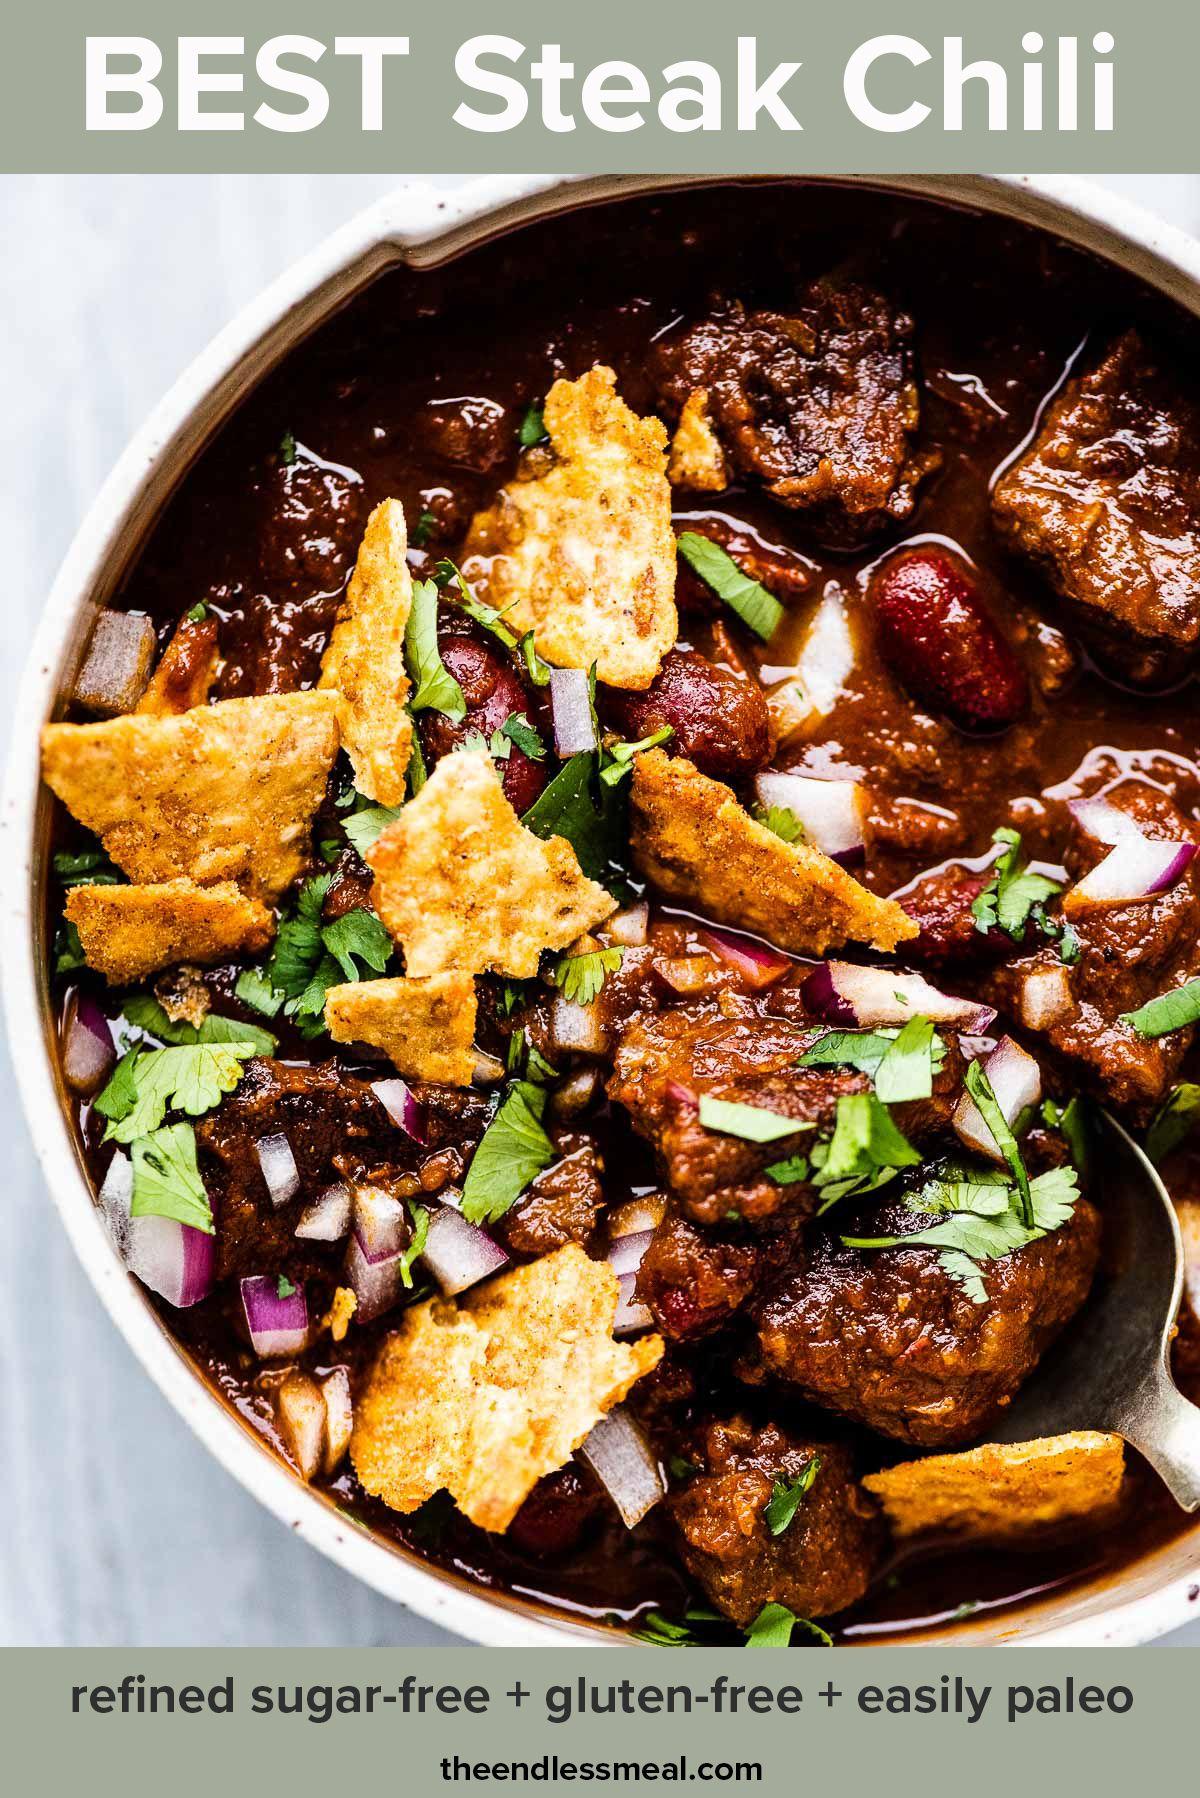 Best Steak Chili Recipe Recipe Steak Chili Chili Recipes Steak Chili Recipe